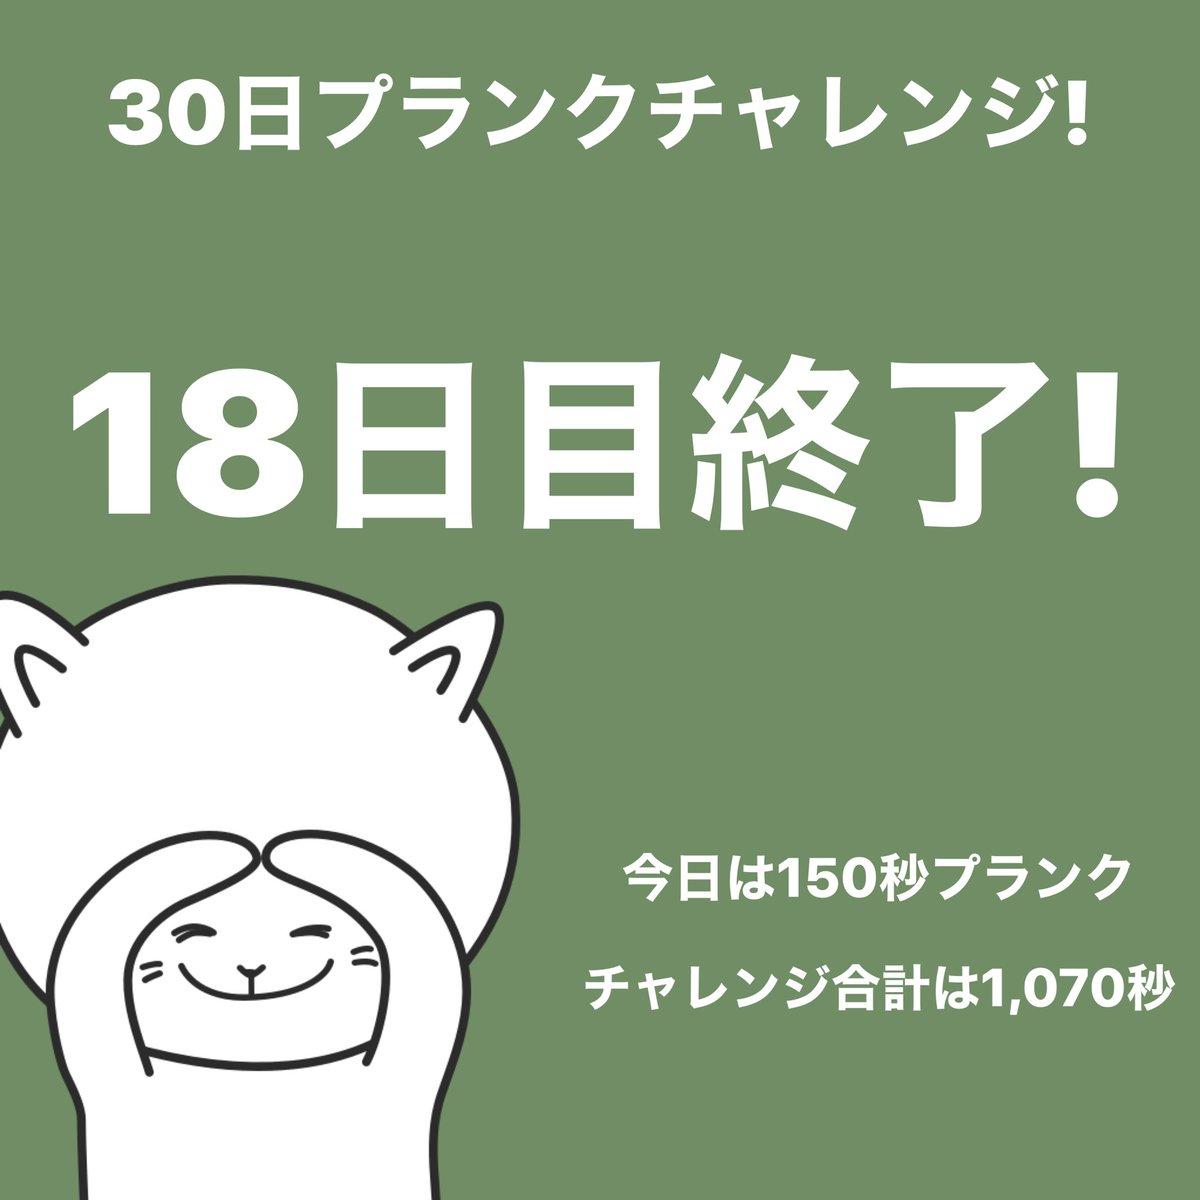 な、長い_:(´ཀ`」 ∠):途中サイドプランクに切り替えて休憩しながらの150秒😅#プランクチャレンジ 18日目終了!今日は150秒プランクしました。 #30日チャレンジ